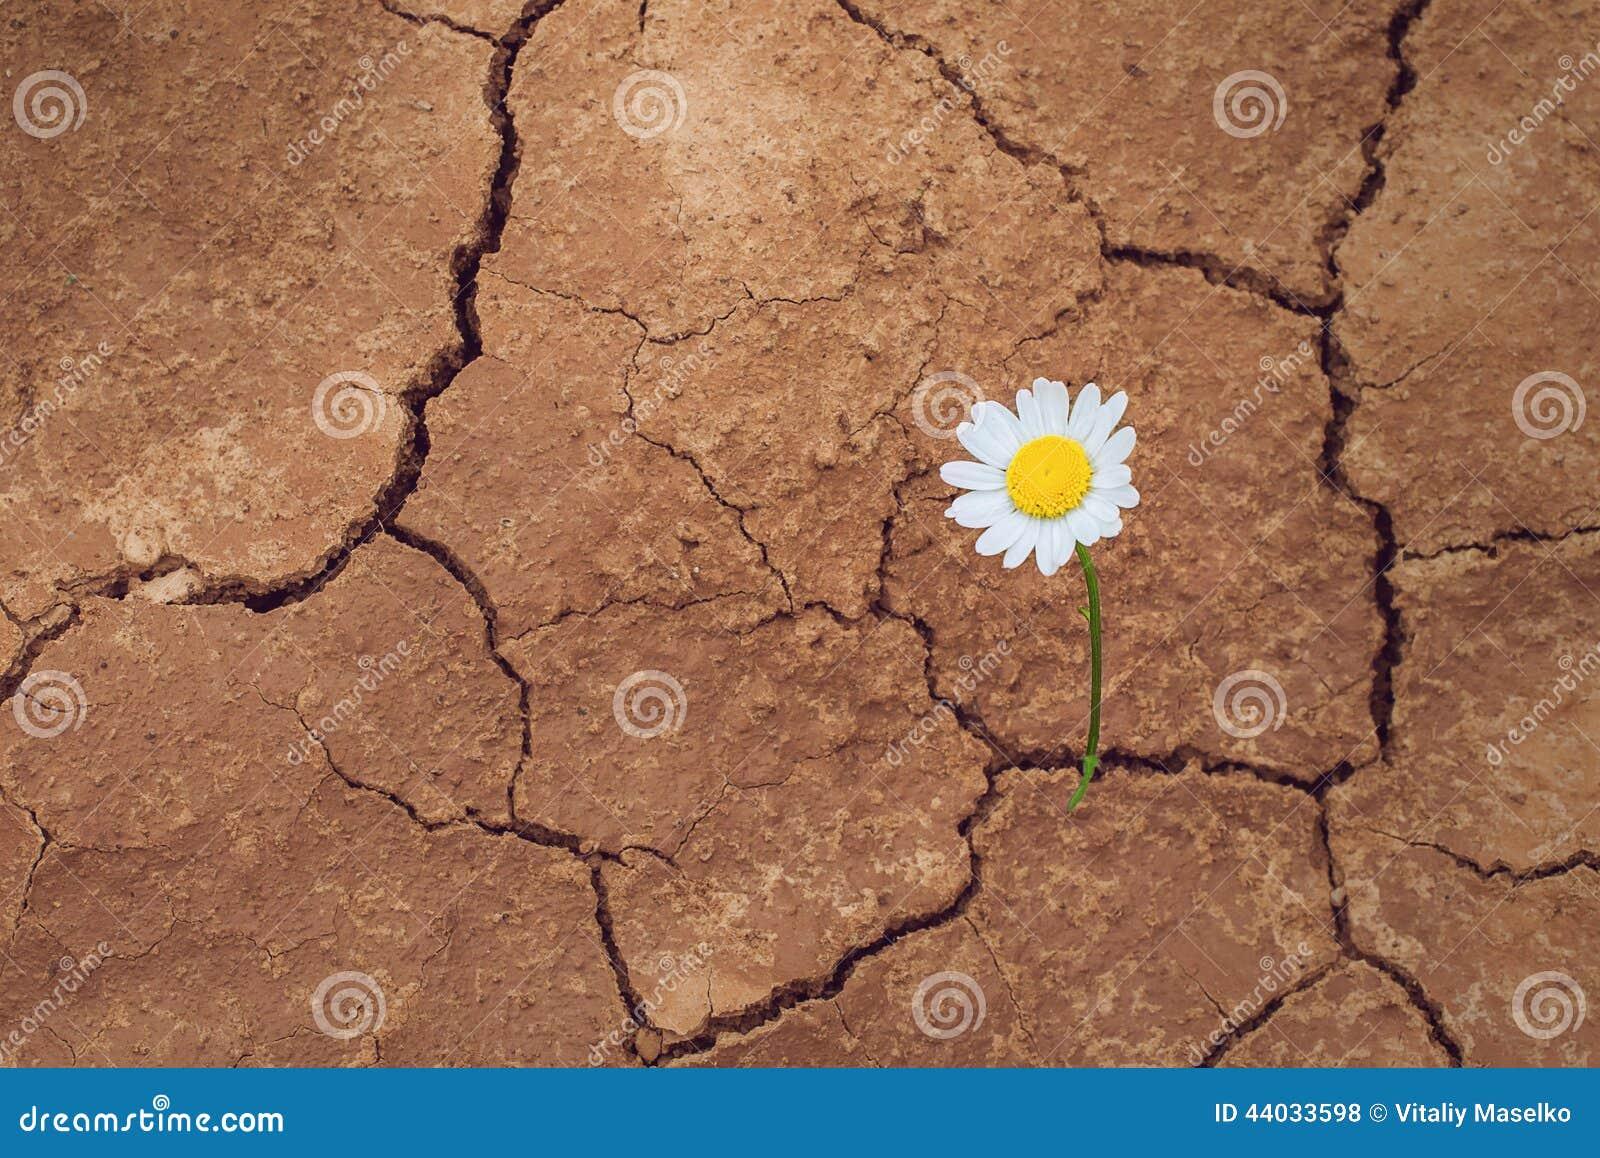 daisy flower in the desert stock photo